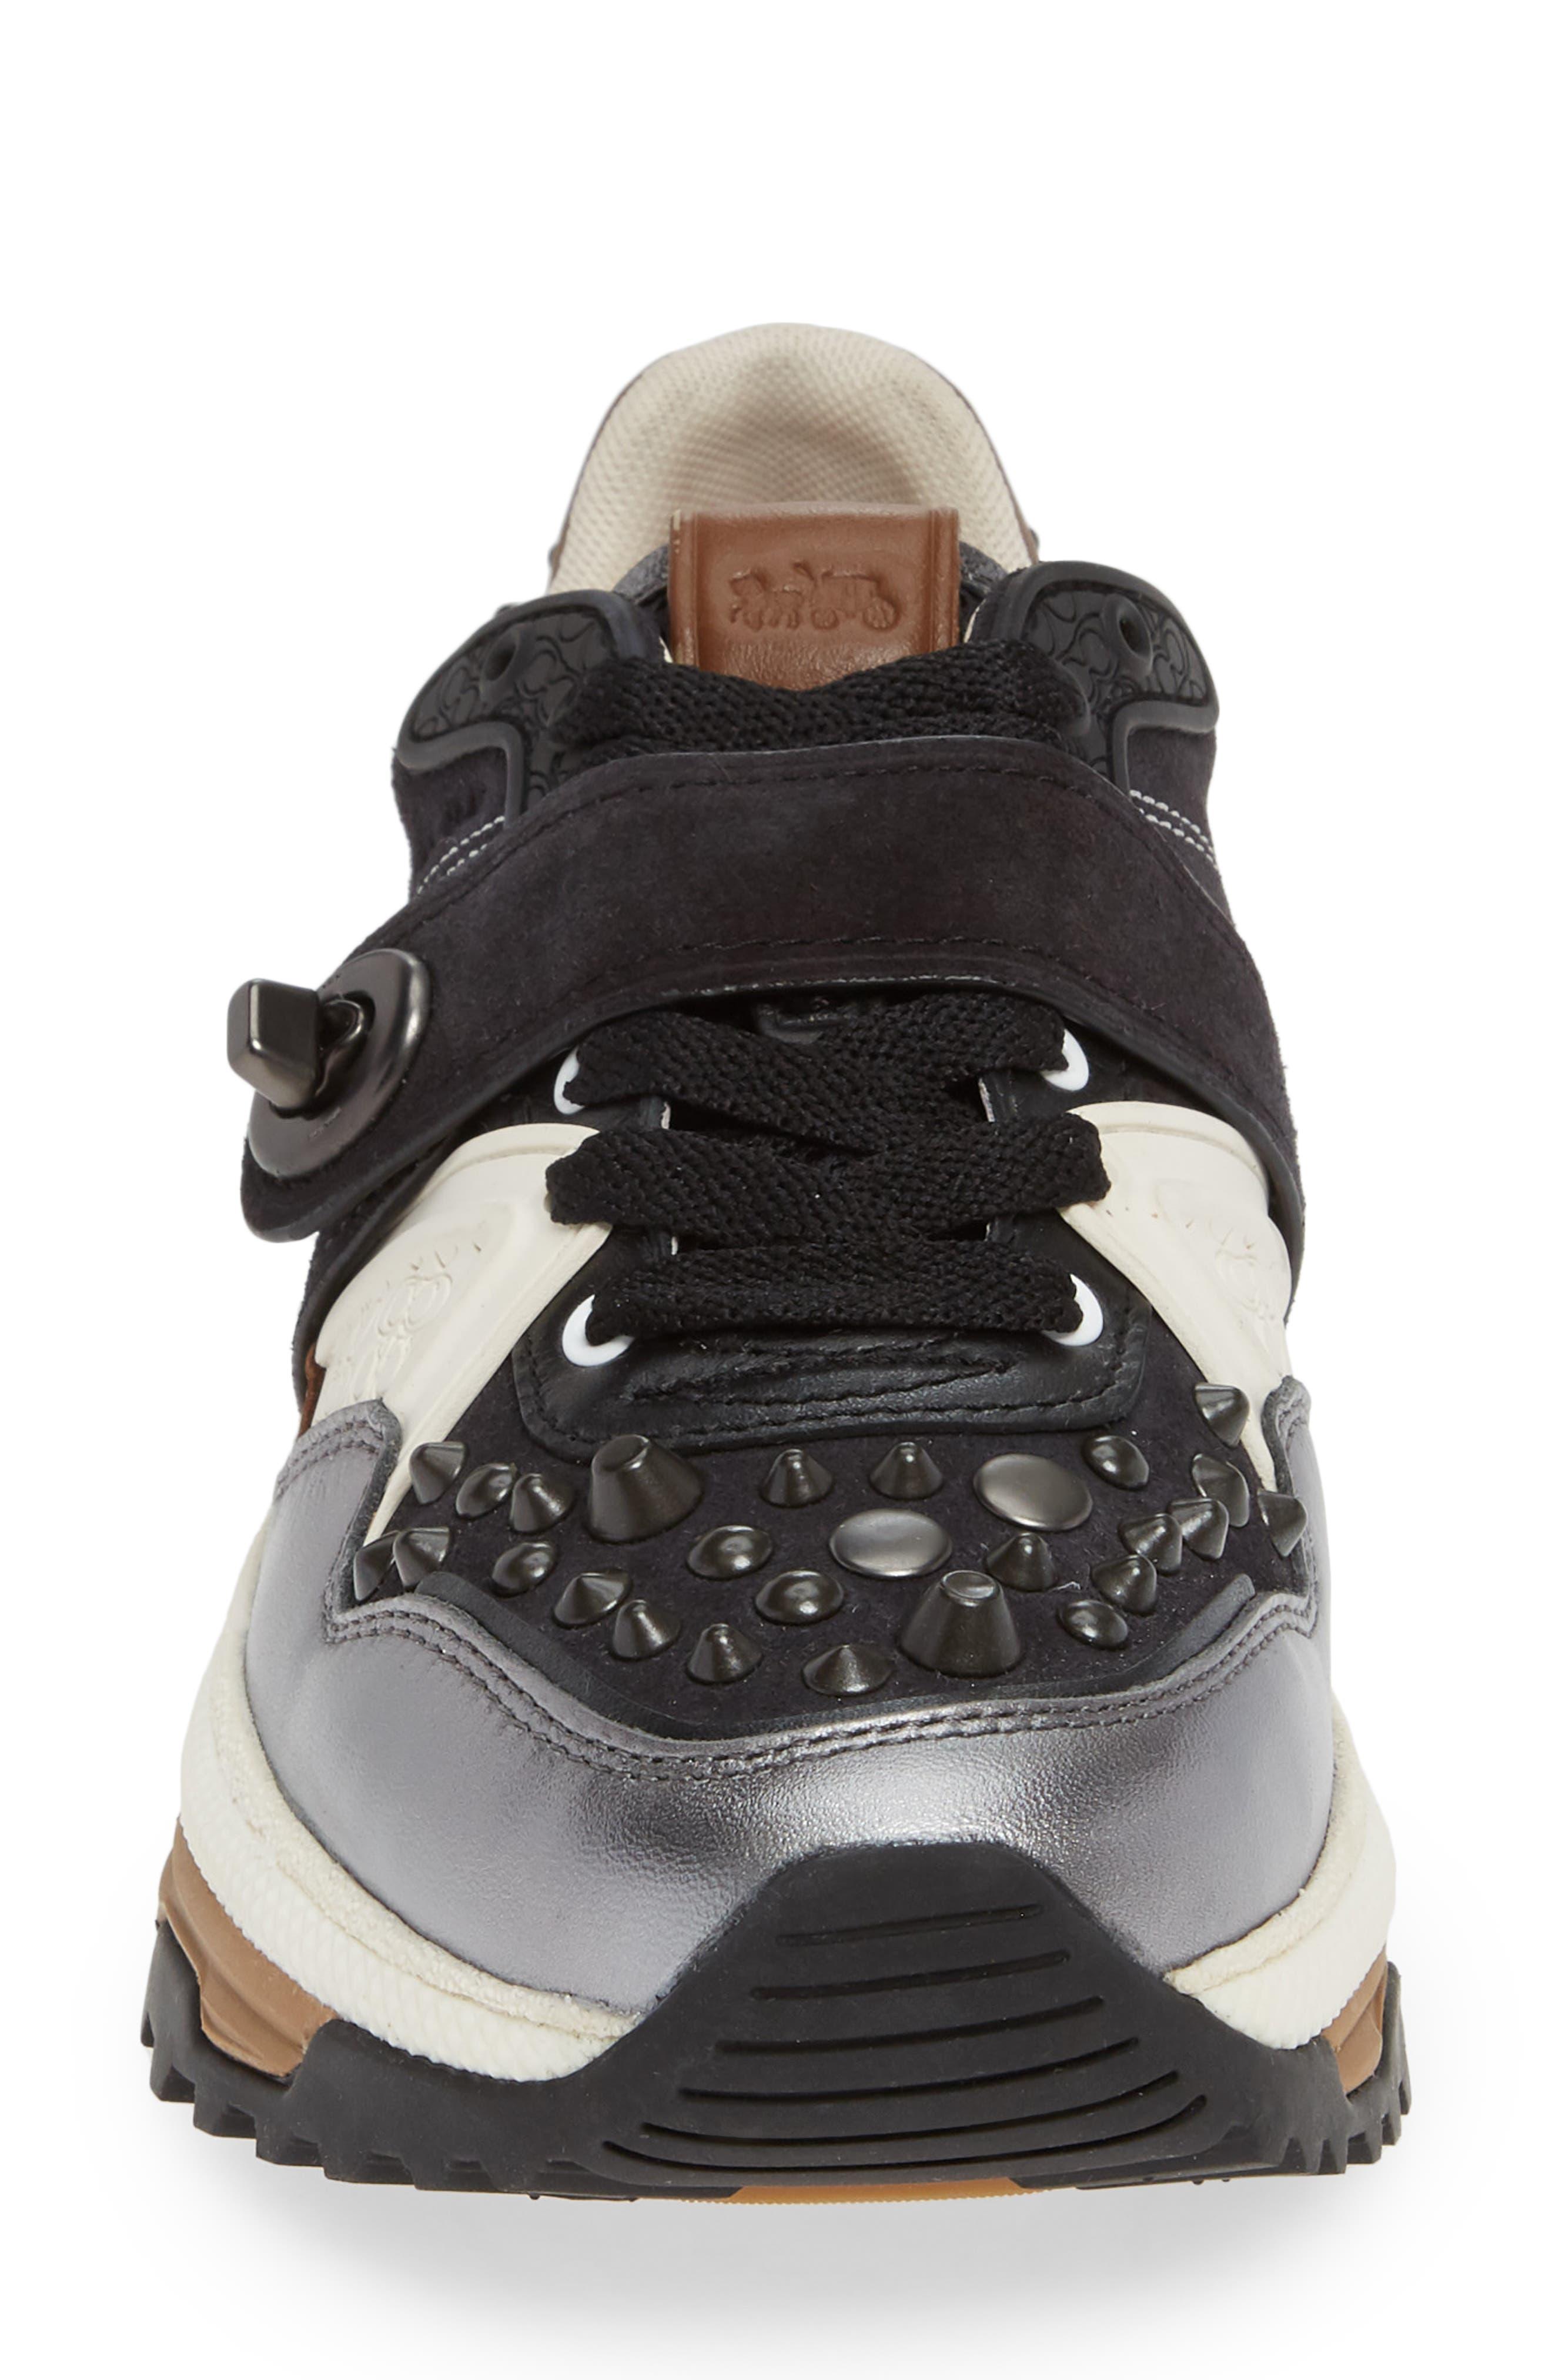 C143 Studded Sneaker,                             Alternate thumbnail 4, color,                             BLACK/ GUNMETAL LEATHER